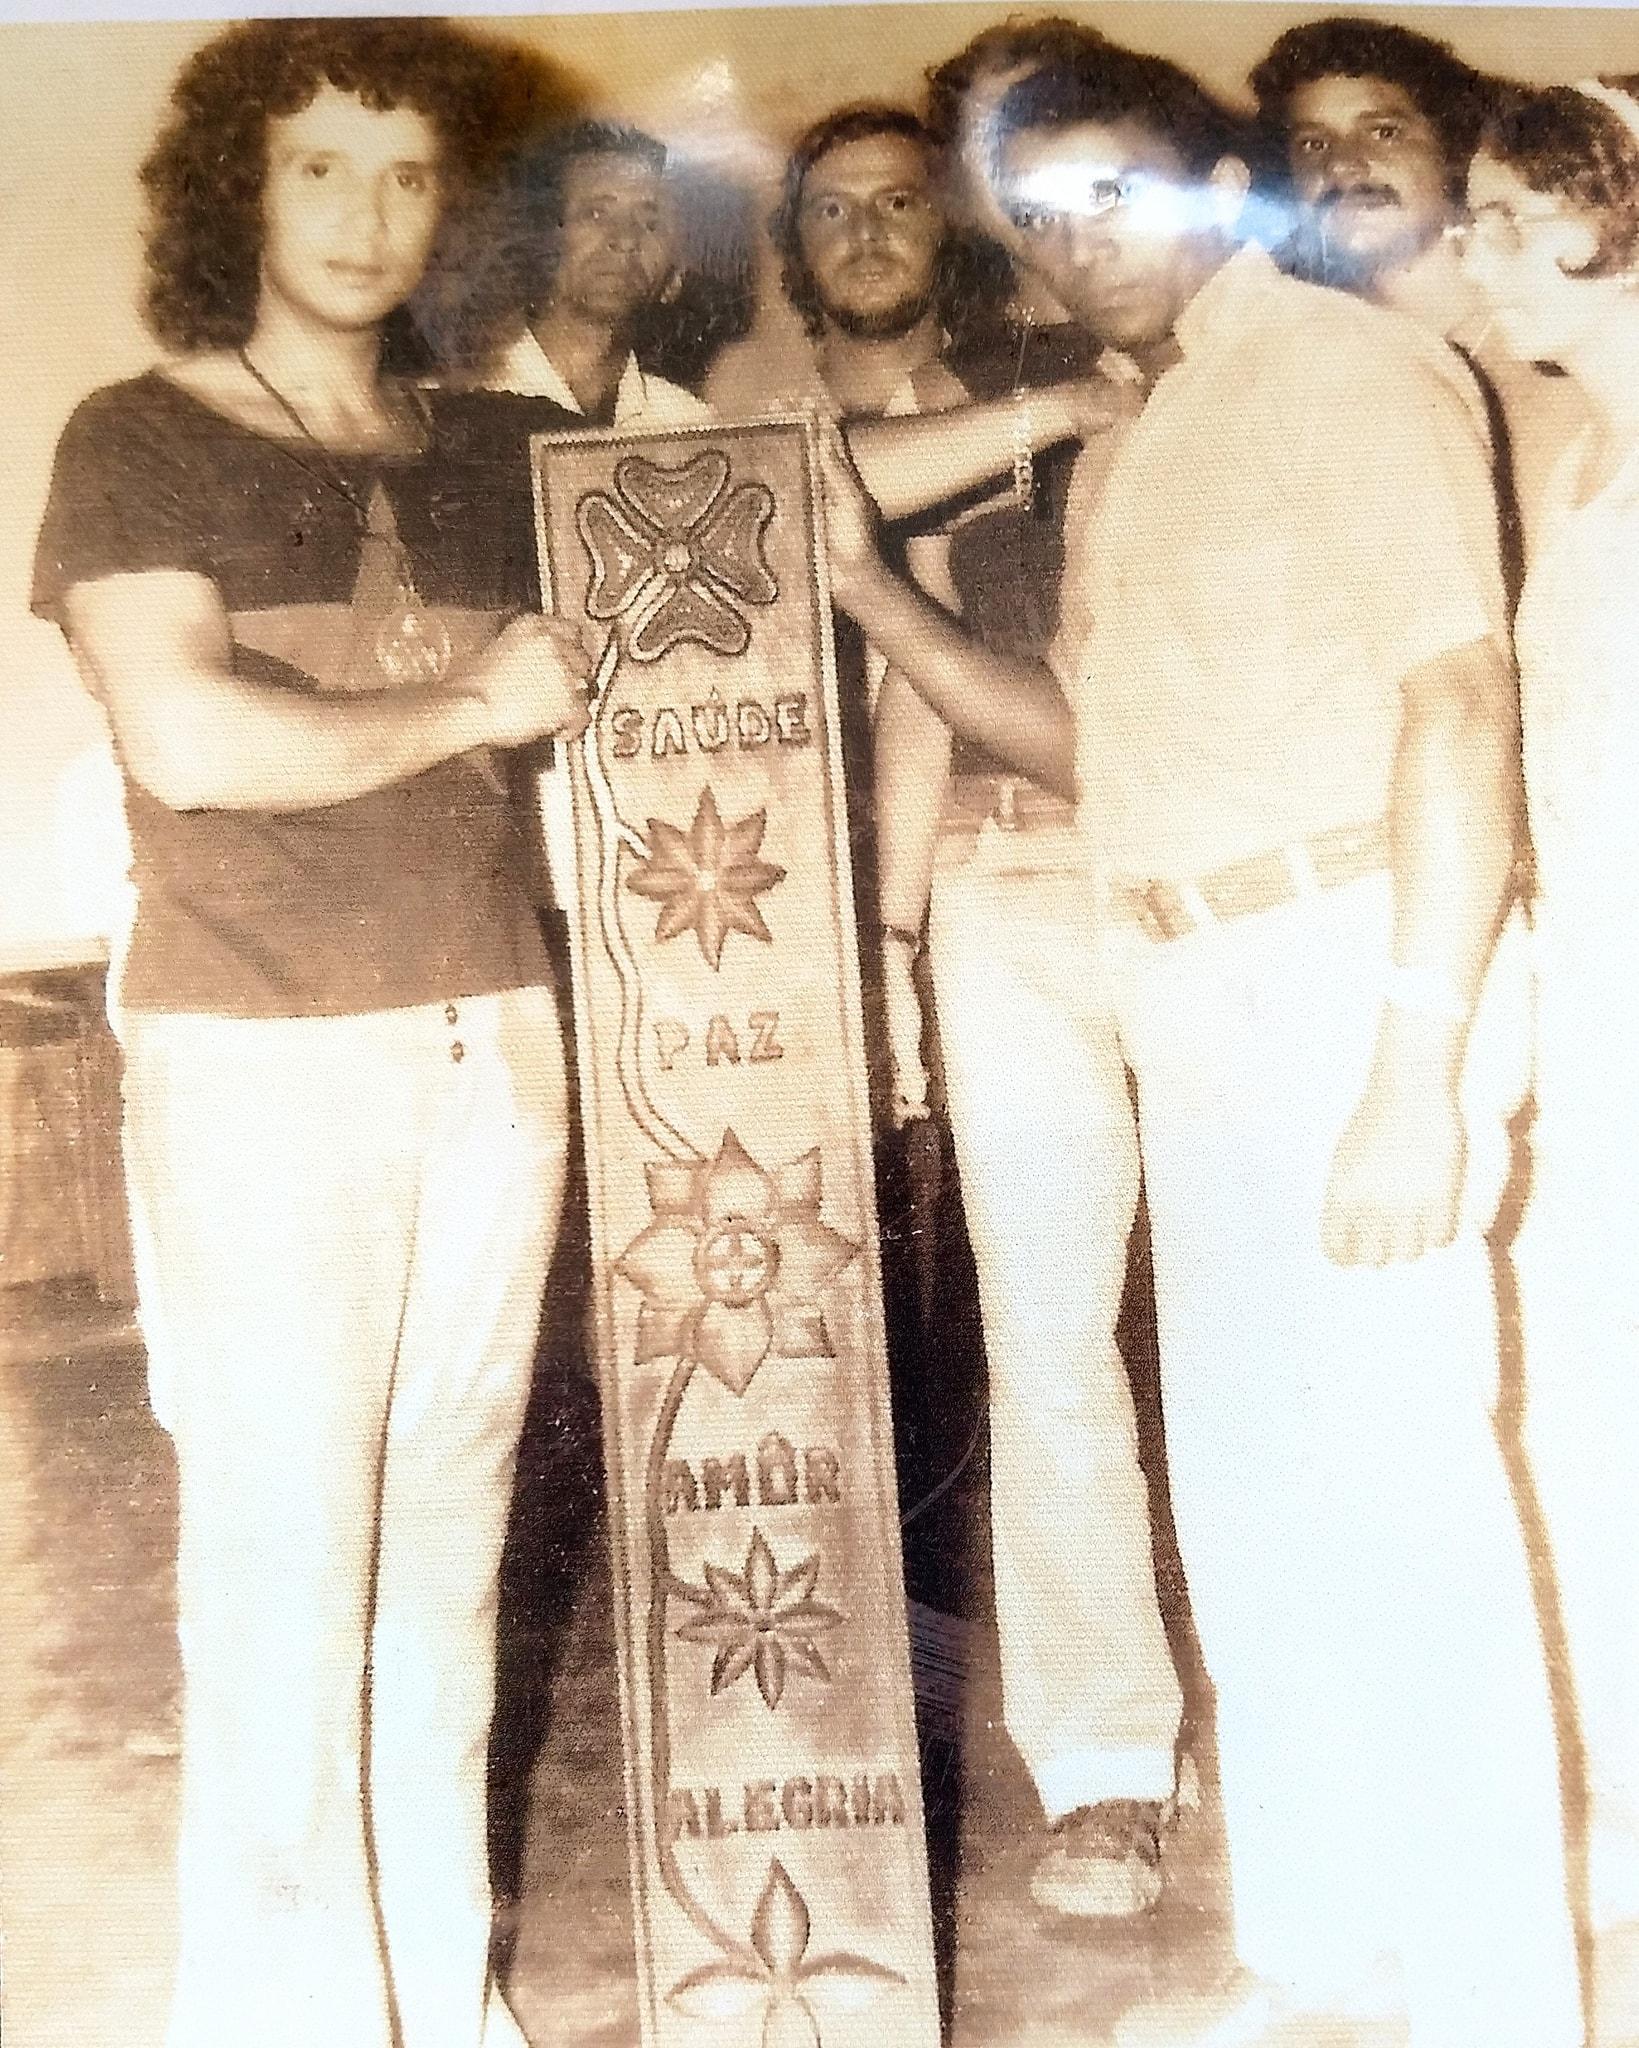 Em 1971, Roberto Carlos recebeu um presente de preso em Natal